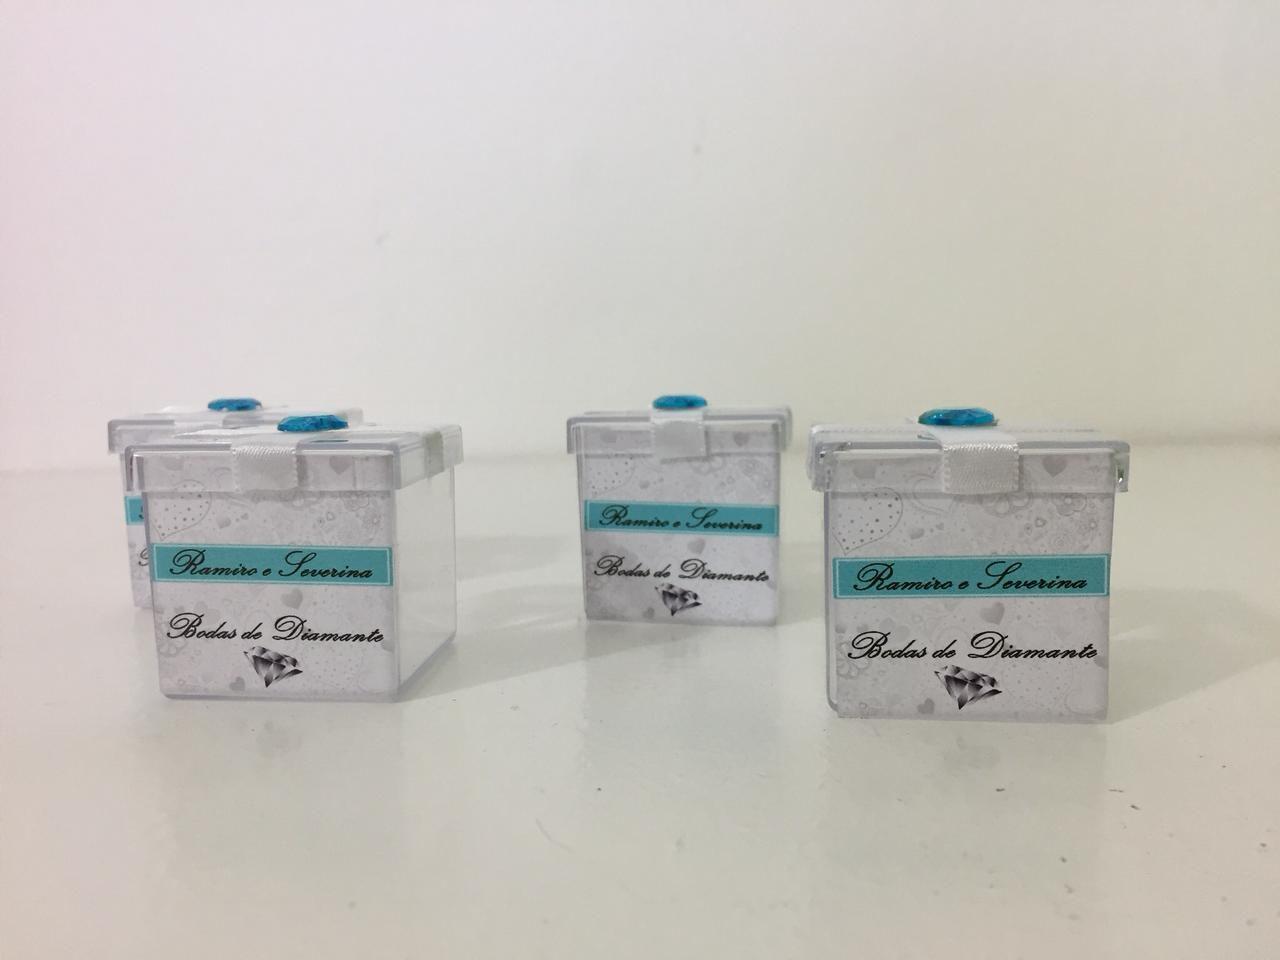 Kit com 10 Caixinhas de acrílico Bodas de Diamante